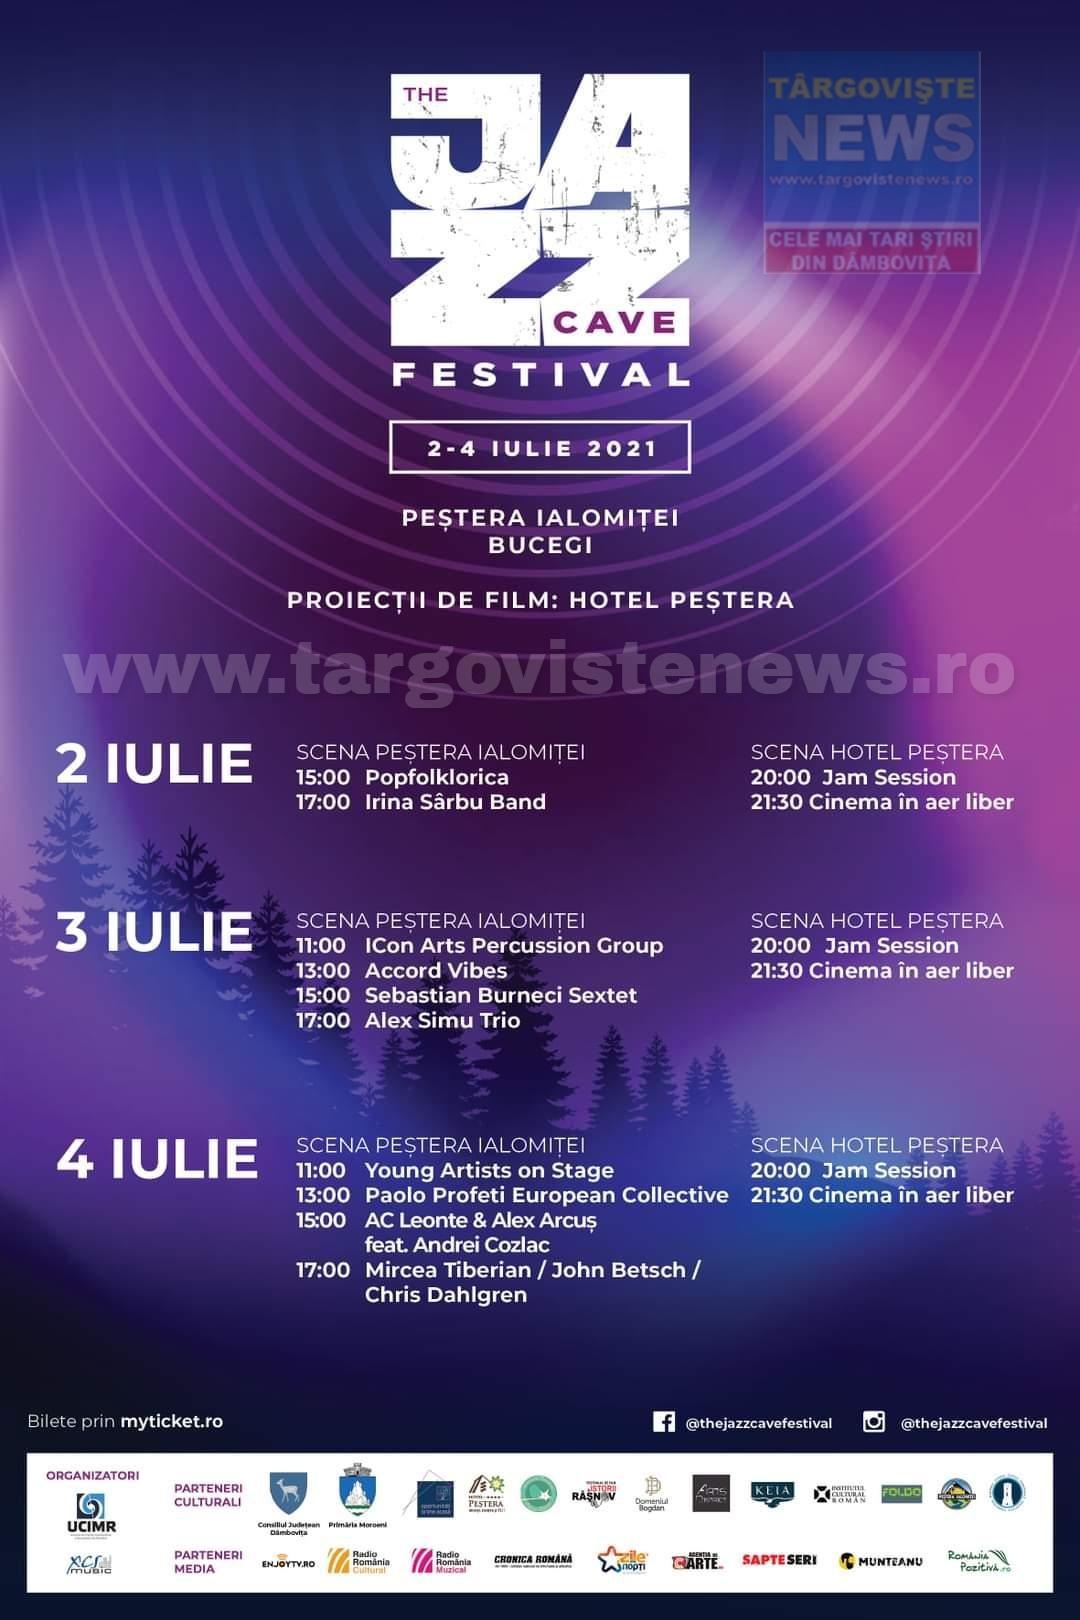 THE JAZZ CAVE FESTIVAL, ediția I, între 2 şi 4 iulie, în inima munților Bucegi, în Peştera Ialomiţei